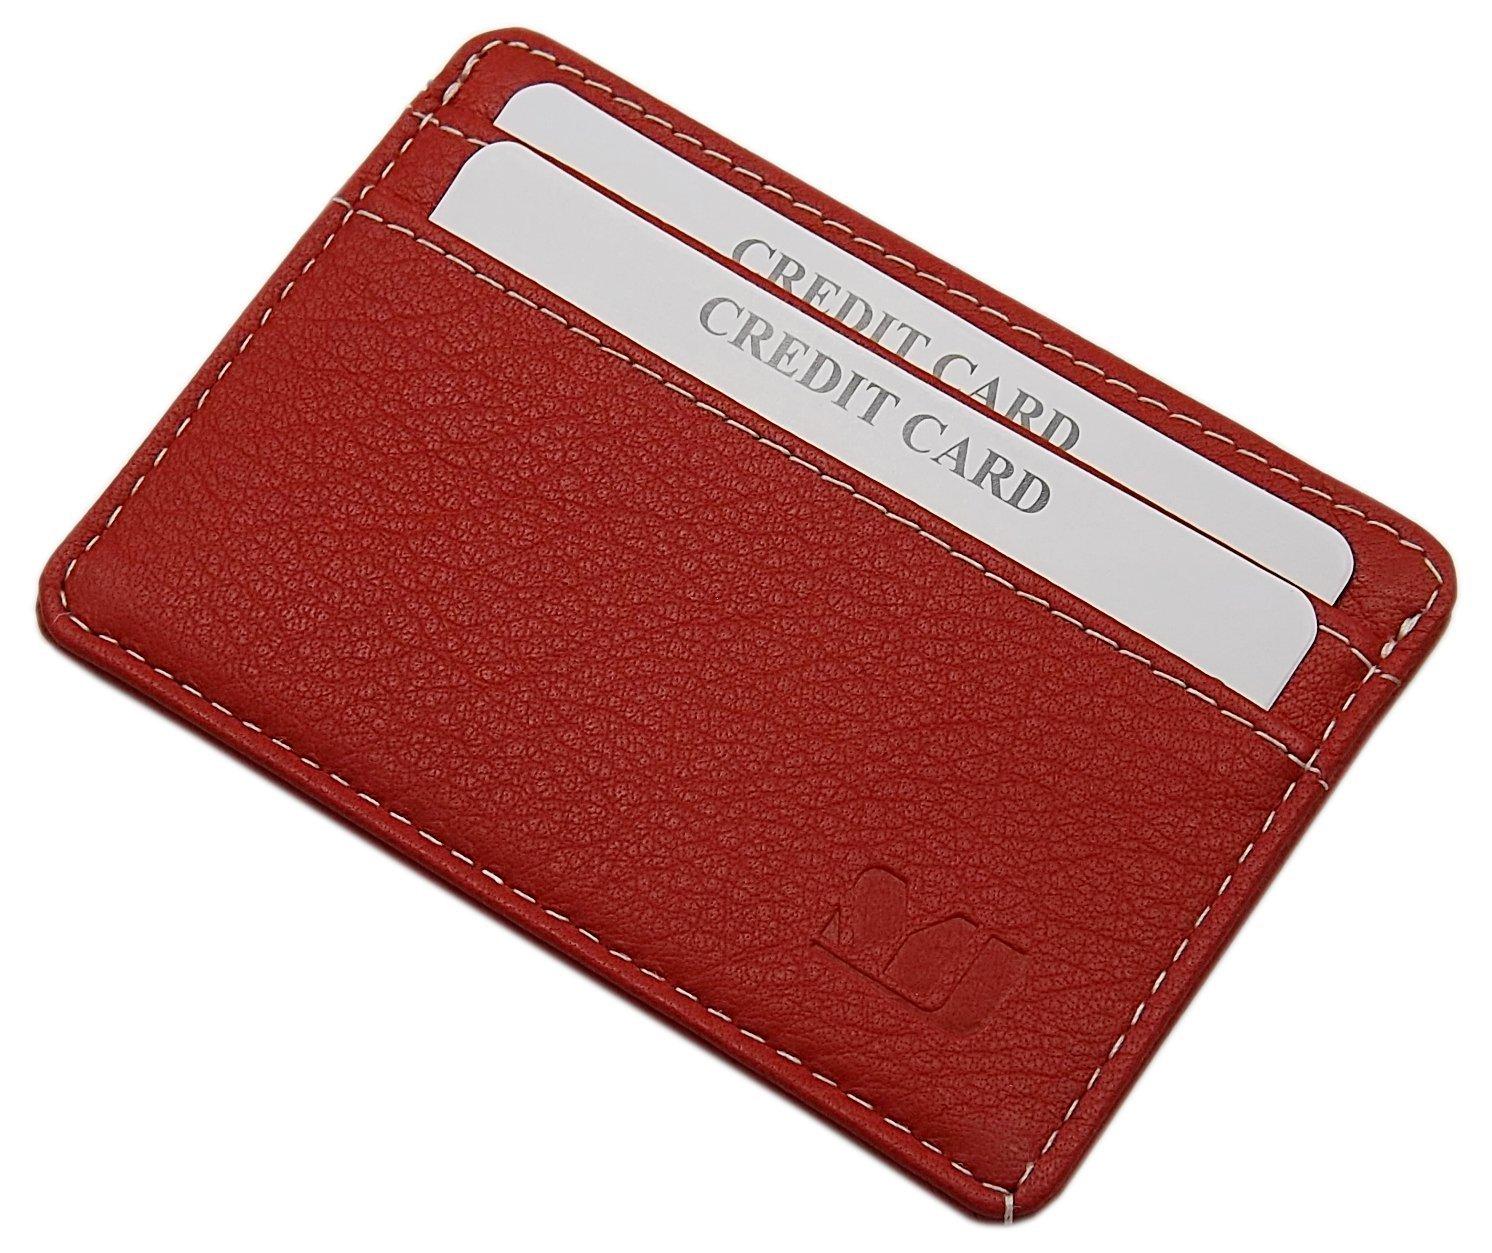 Extra plate et petit cuir de buffle porte-cartes de crédit MJ-Design-Germany en 3 différentes couleurs (Marron)